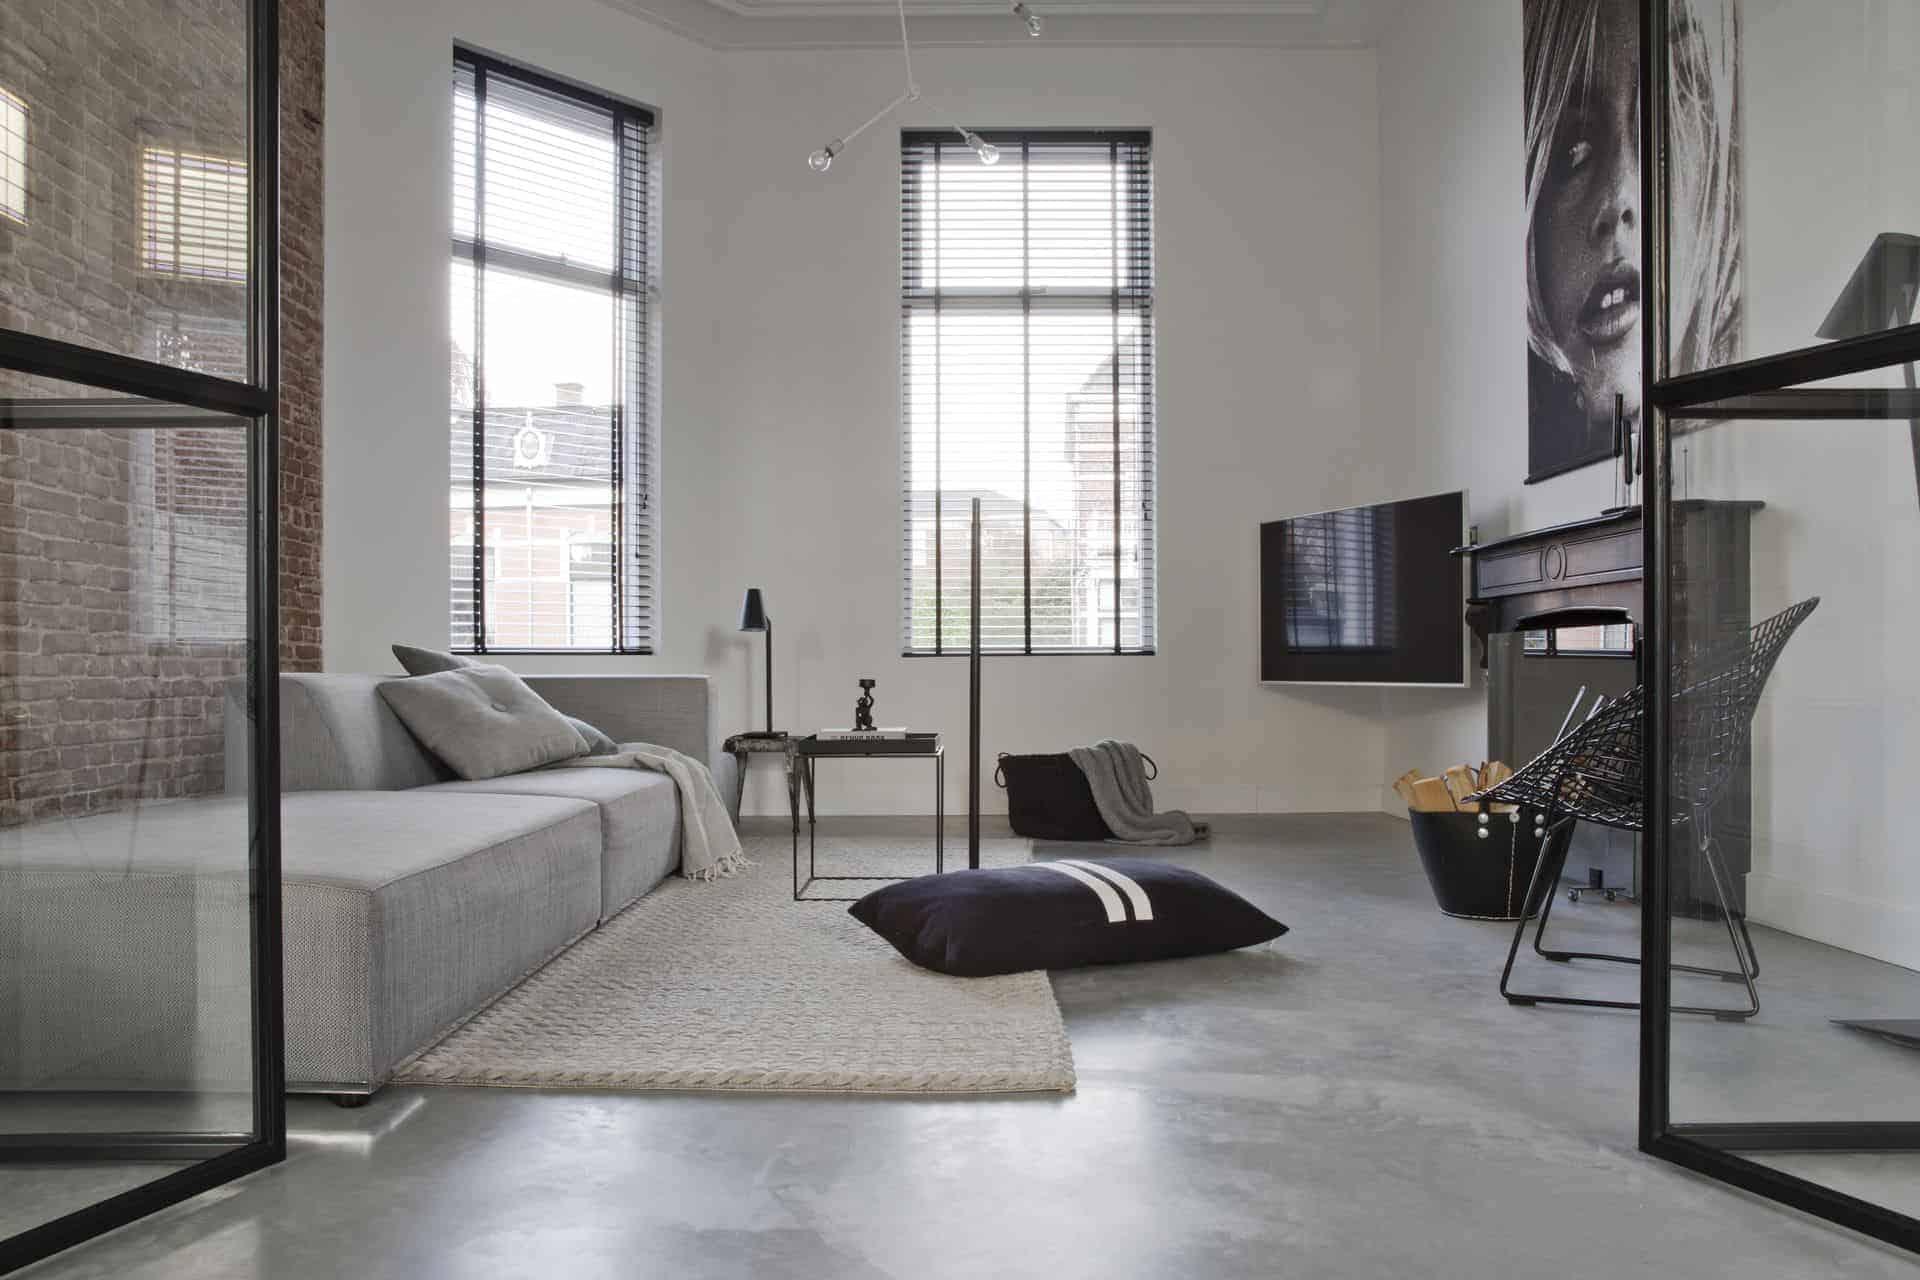 Gevlinderde betonvloer woonkamer, betonvloer woonkamer,